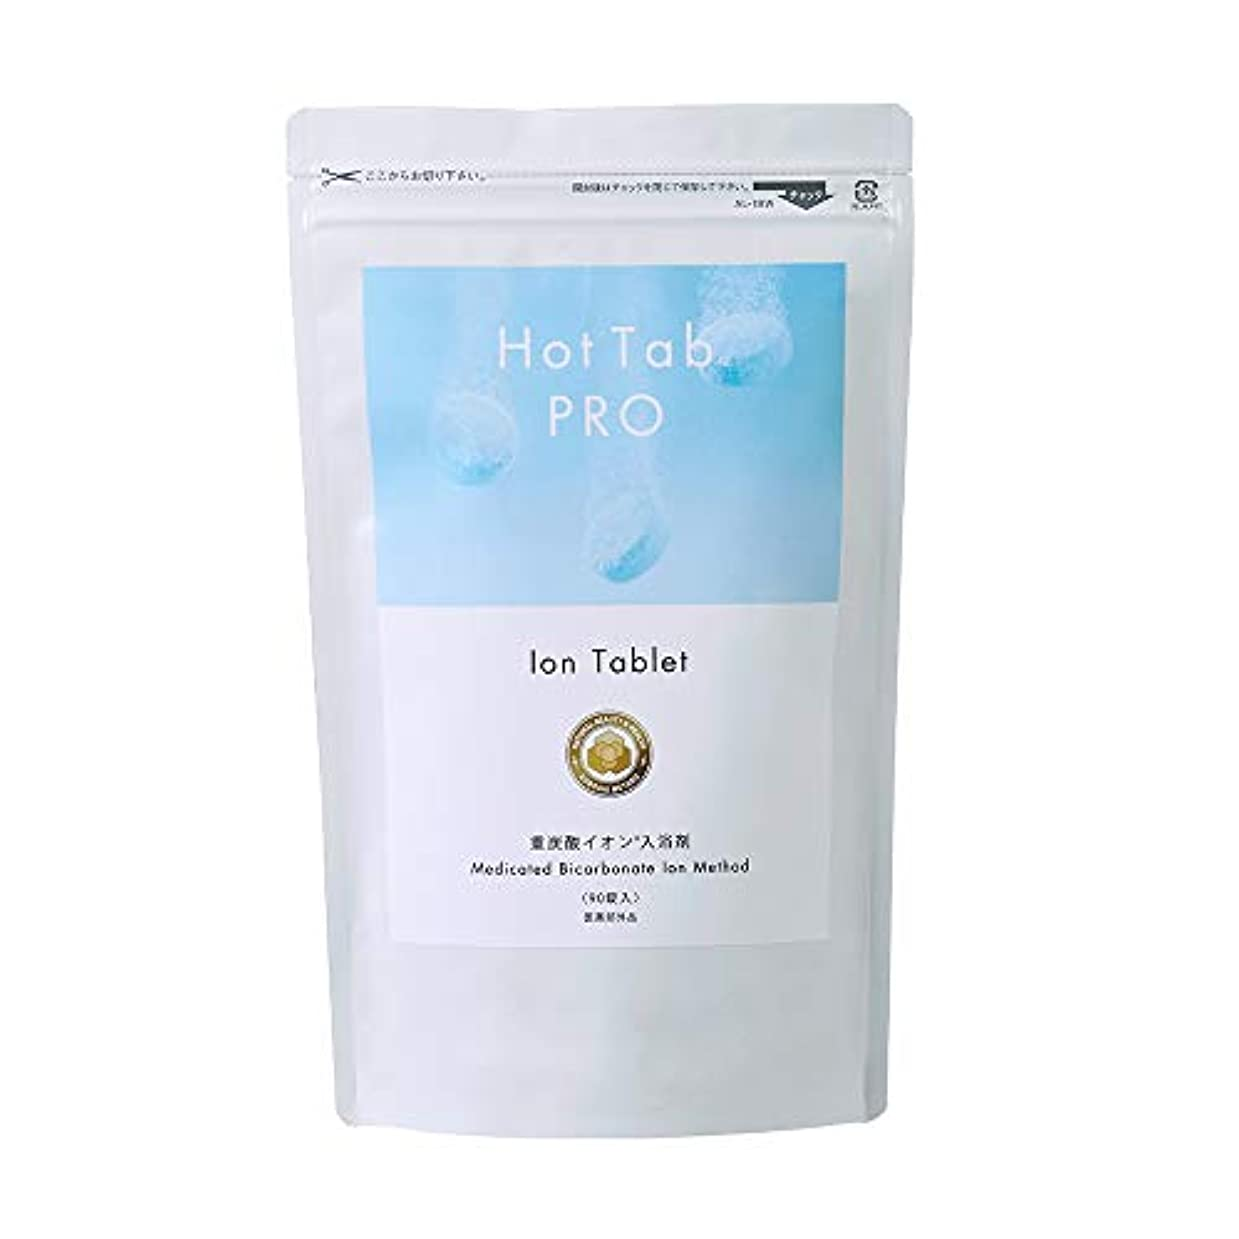 こどもの宮殿ピュー性差別最新型 日本製なめらか重炭酸入浴剤「ホットタブPro」(デリケートな肌でも安心 無香料 無着色 中性pH) (お得な90錠セット)